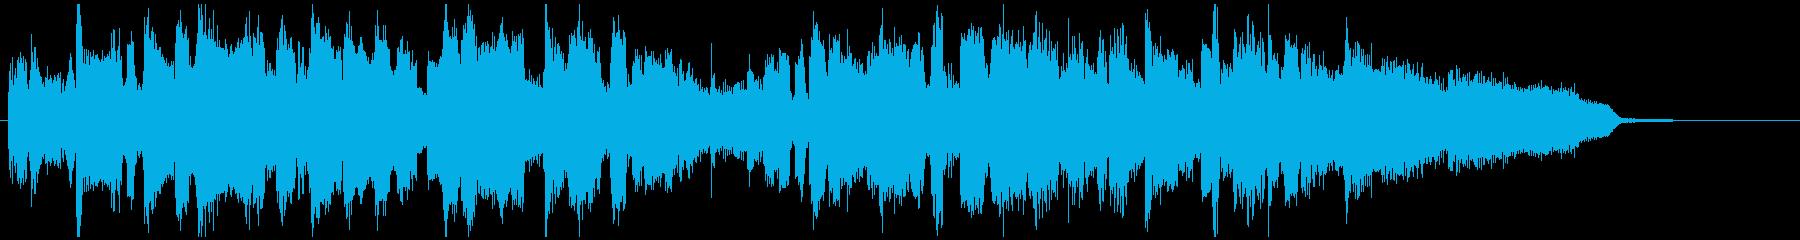 15秒CM向け■ジャズ、明るい、始まりの再生済みの波形